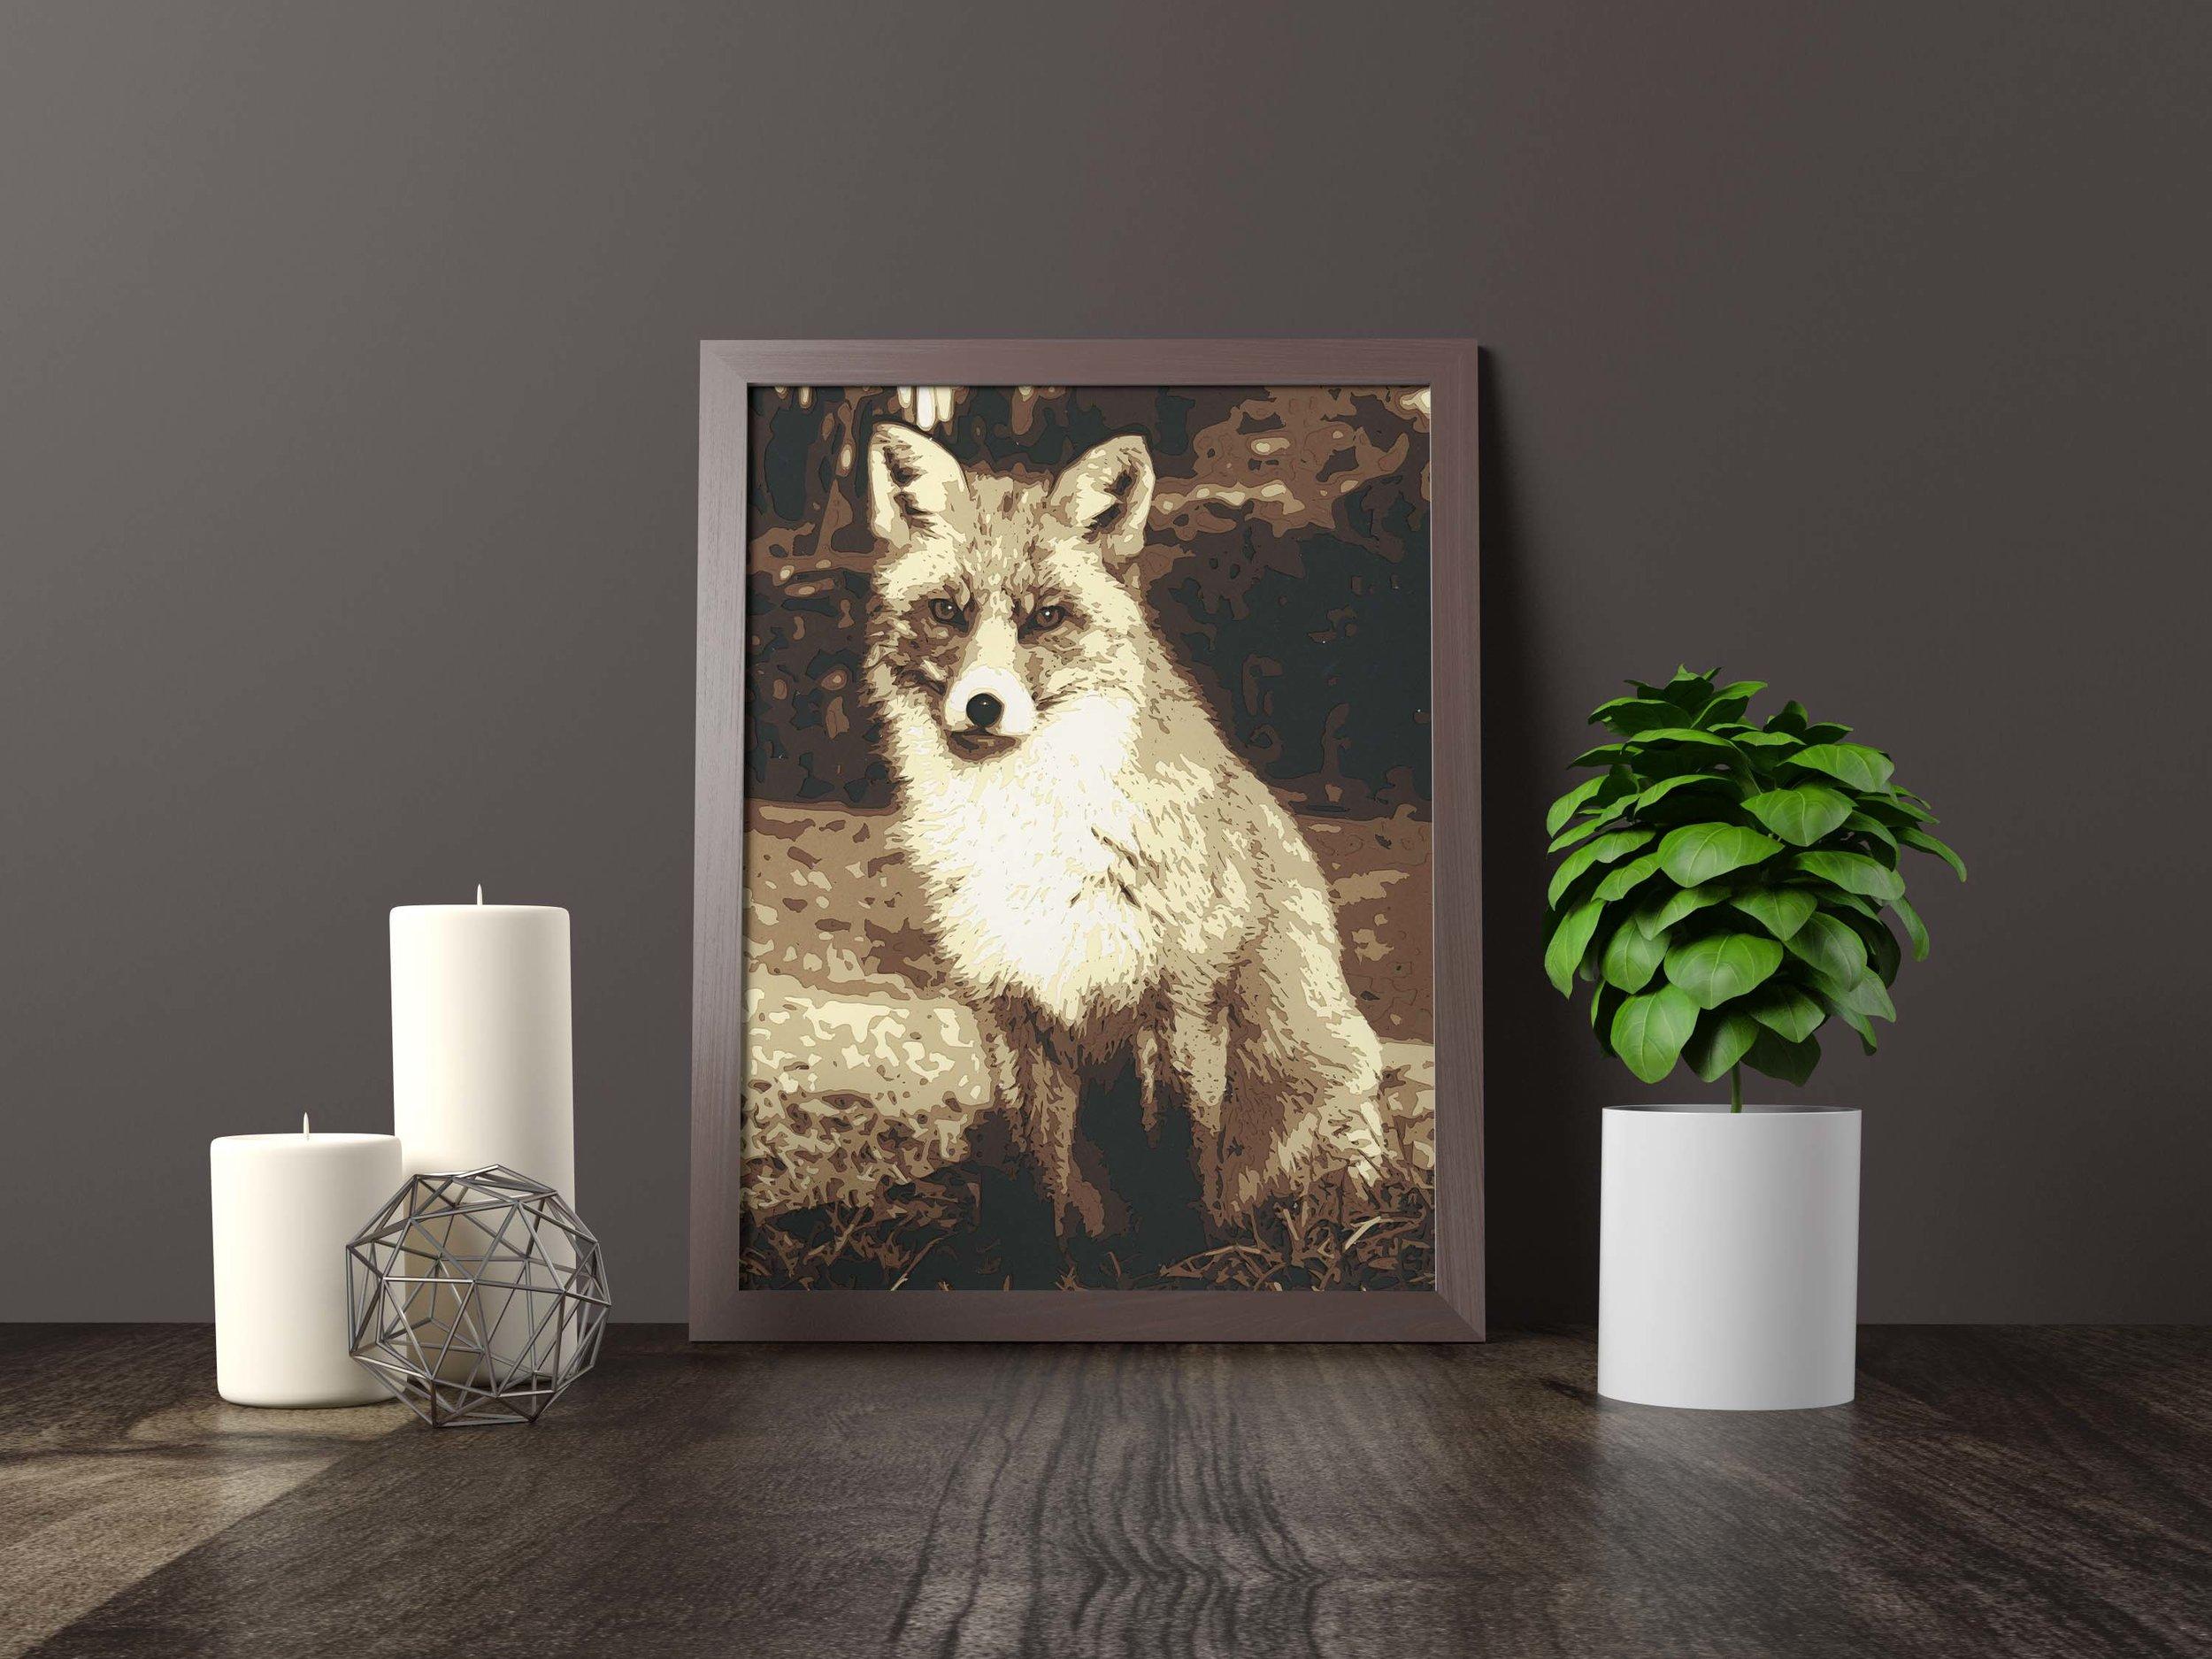 Fox - Original Artwork *FOR SALE* 11